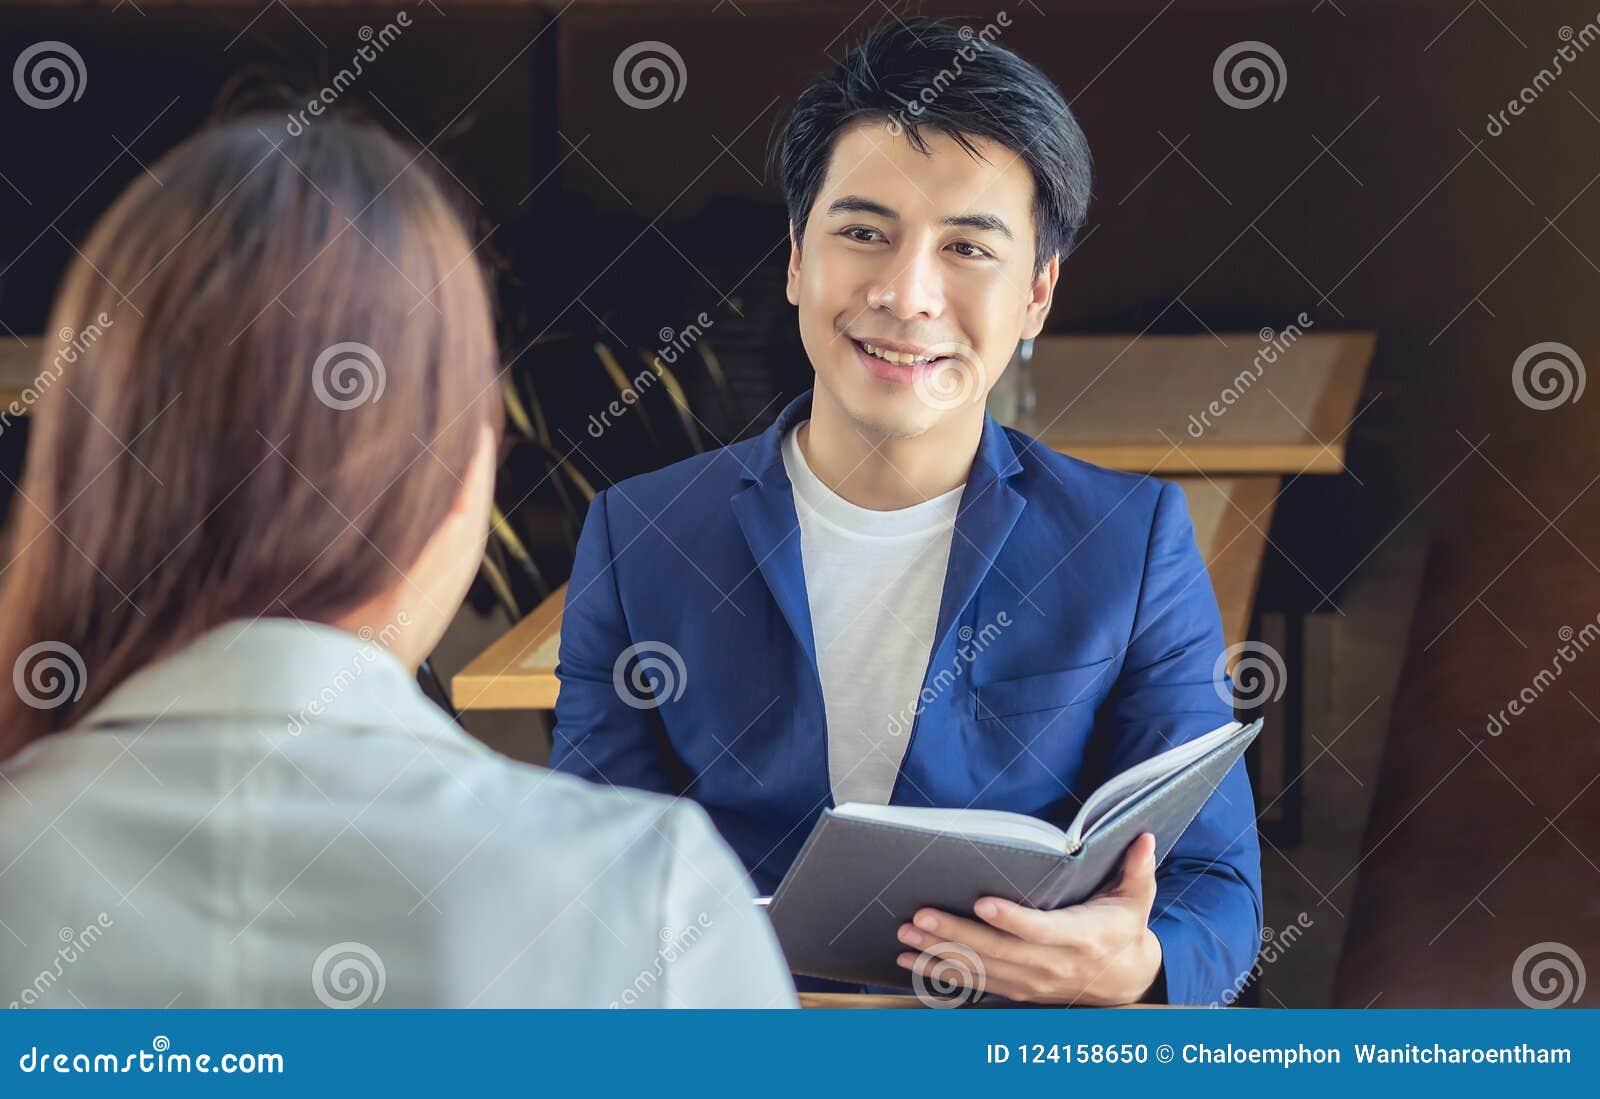 Homme d affaires asiatique souriant dans un amical pour rencontrer l entretien d affaires